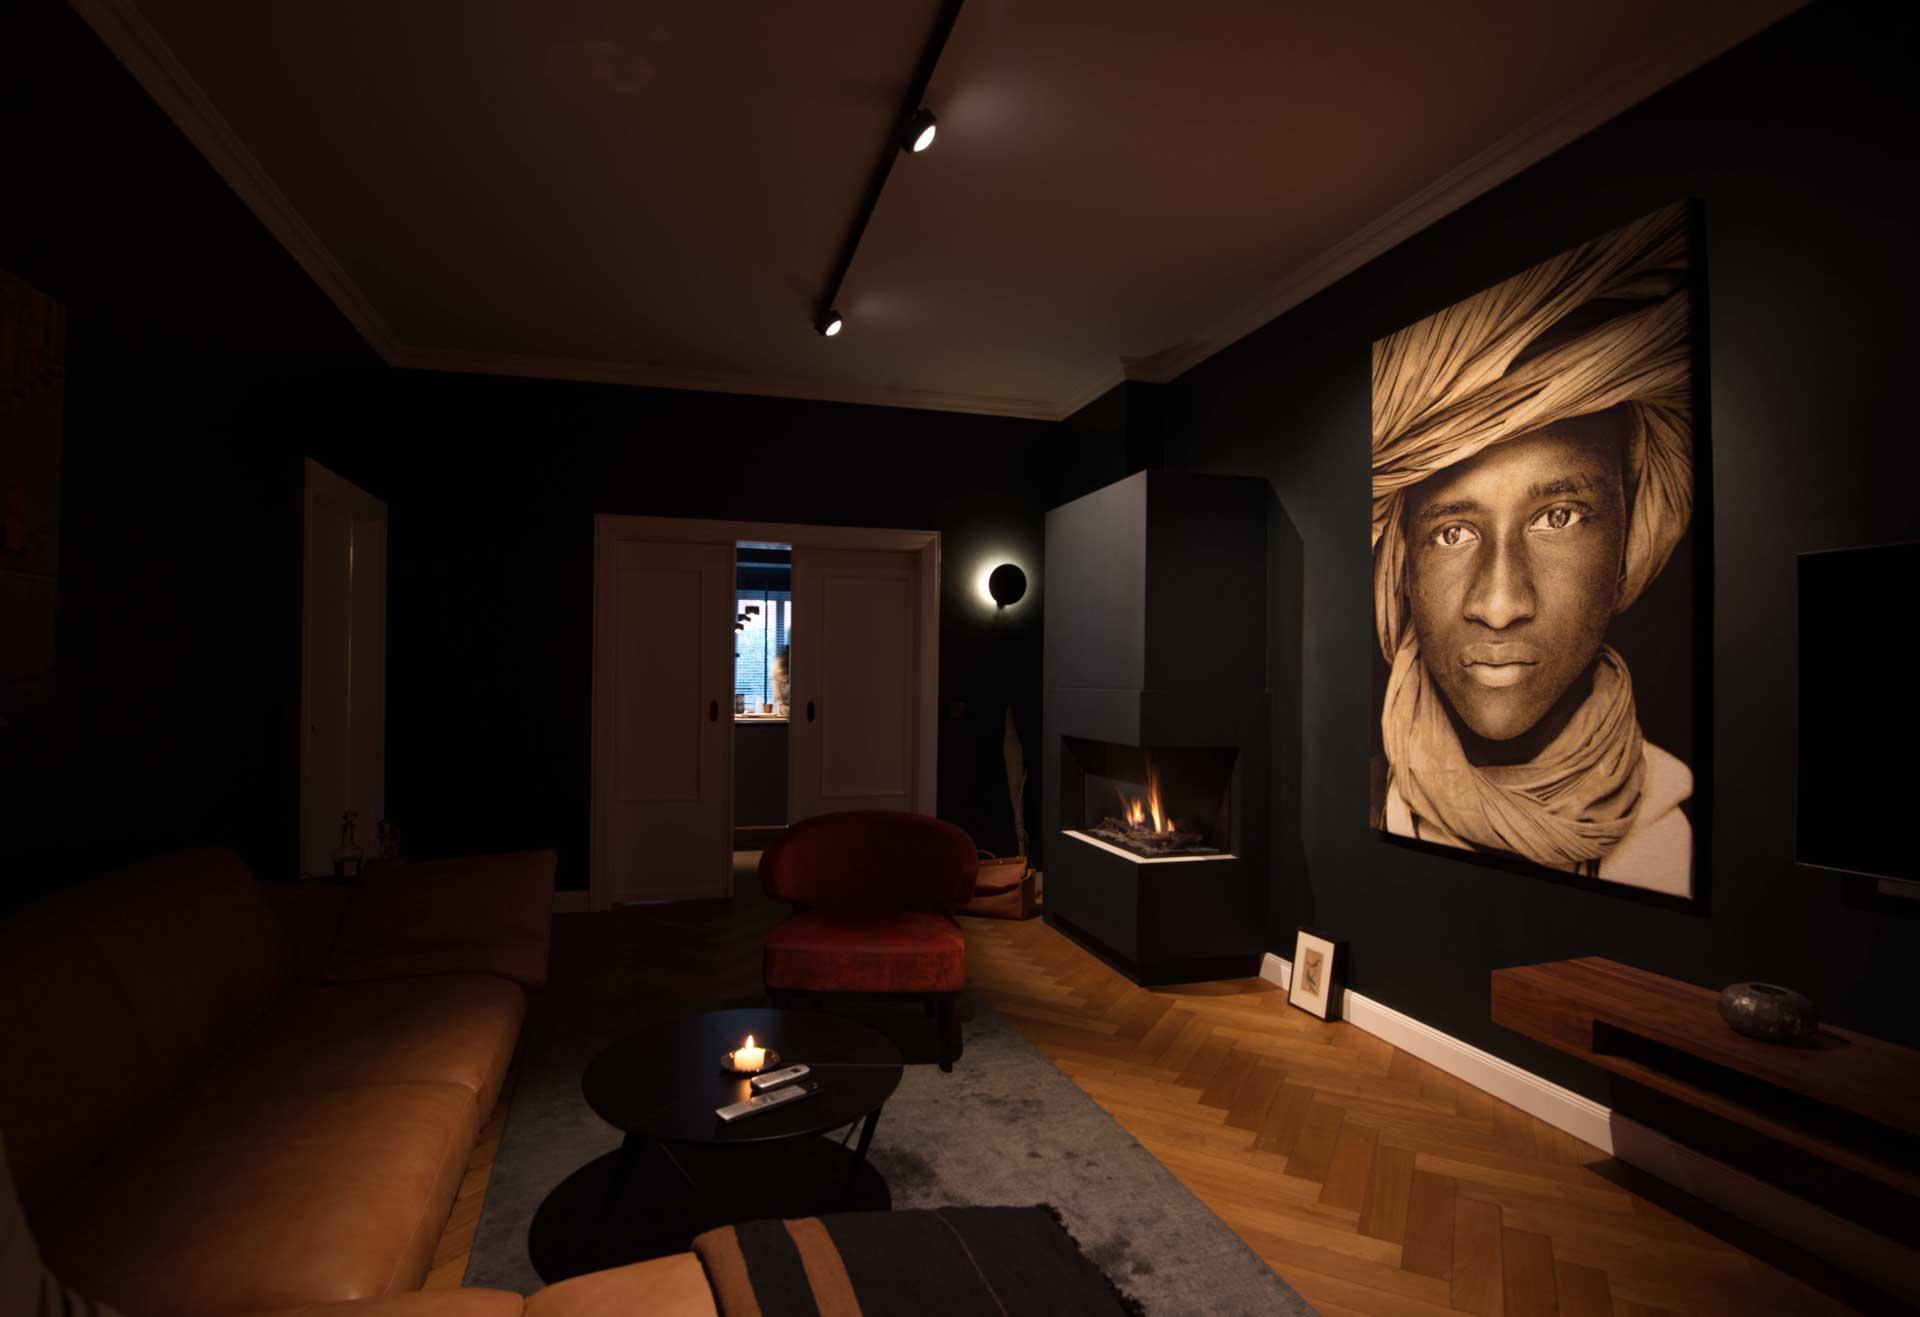 Lichtwirkung trifft schwarzen Raum mit dunklen und edlen Wänden, wenig Tageslicht und Kunstbildern im Wohnzimmer